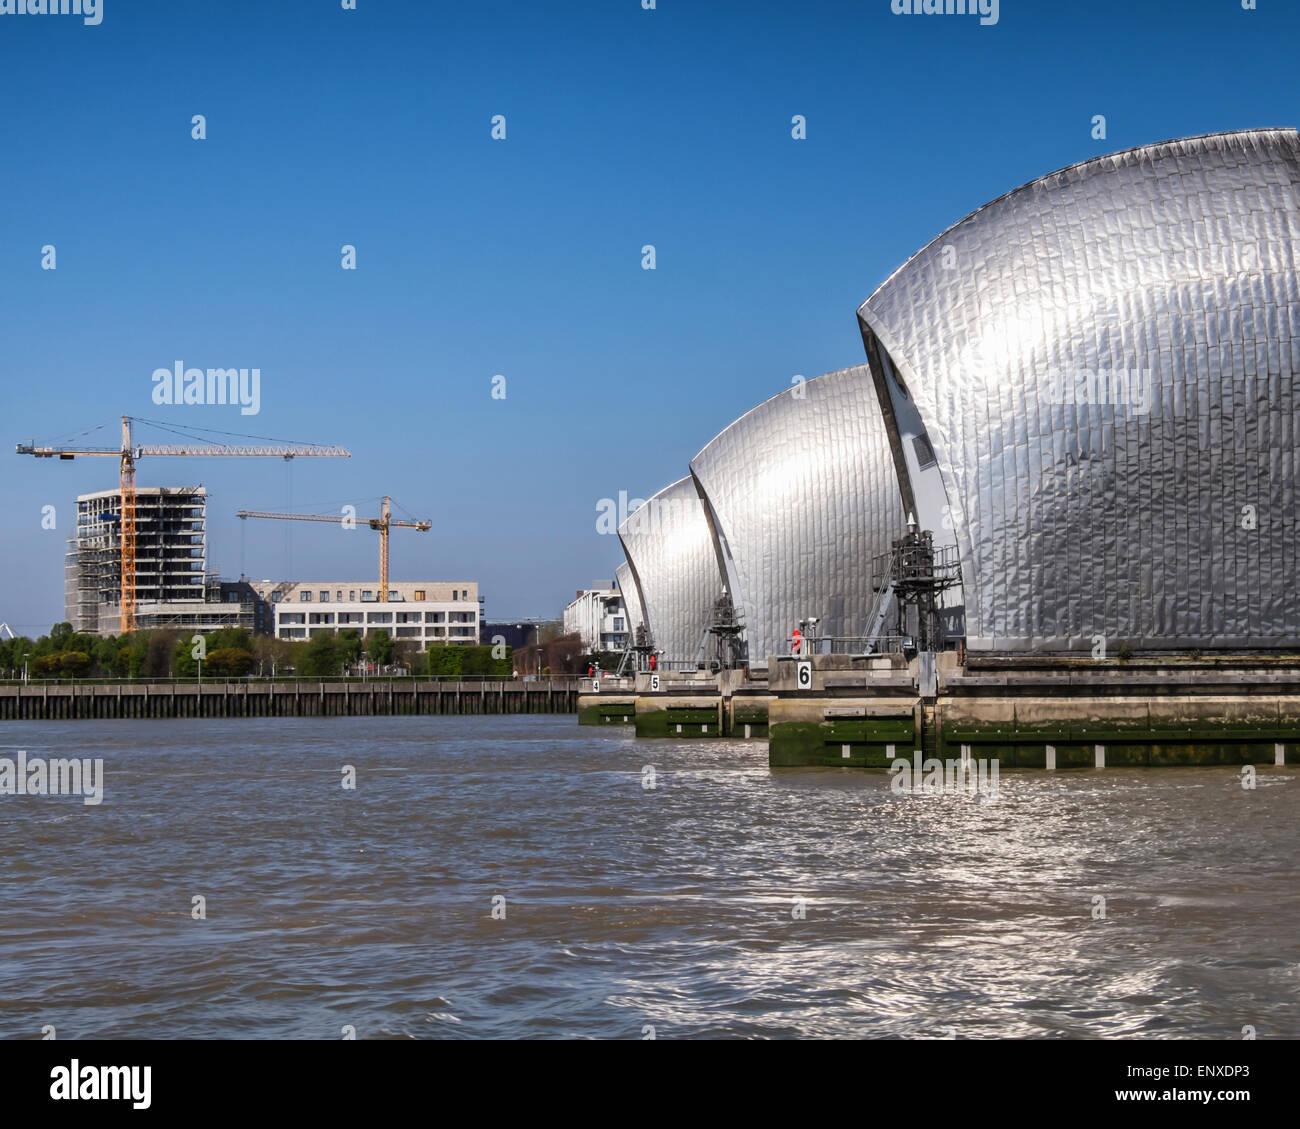 River Thames Barrier Hochwasserabwehr schützt die Hauptstadt vor Überschwemmungen durch Hochwasser und Stockbild